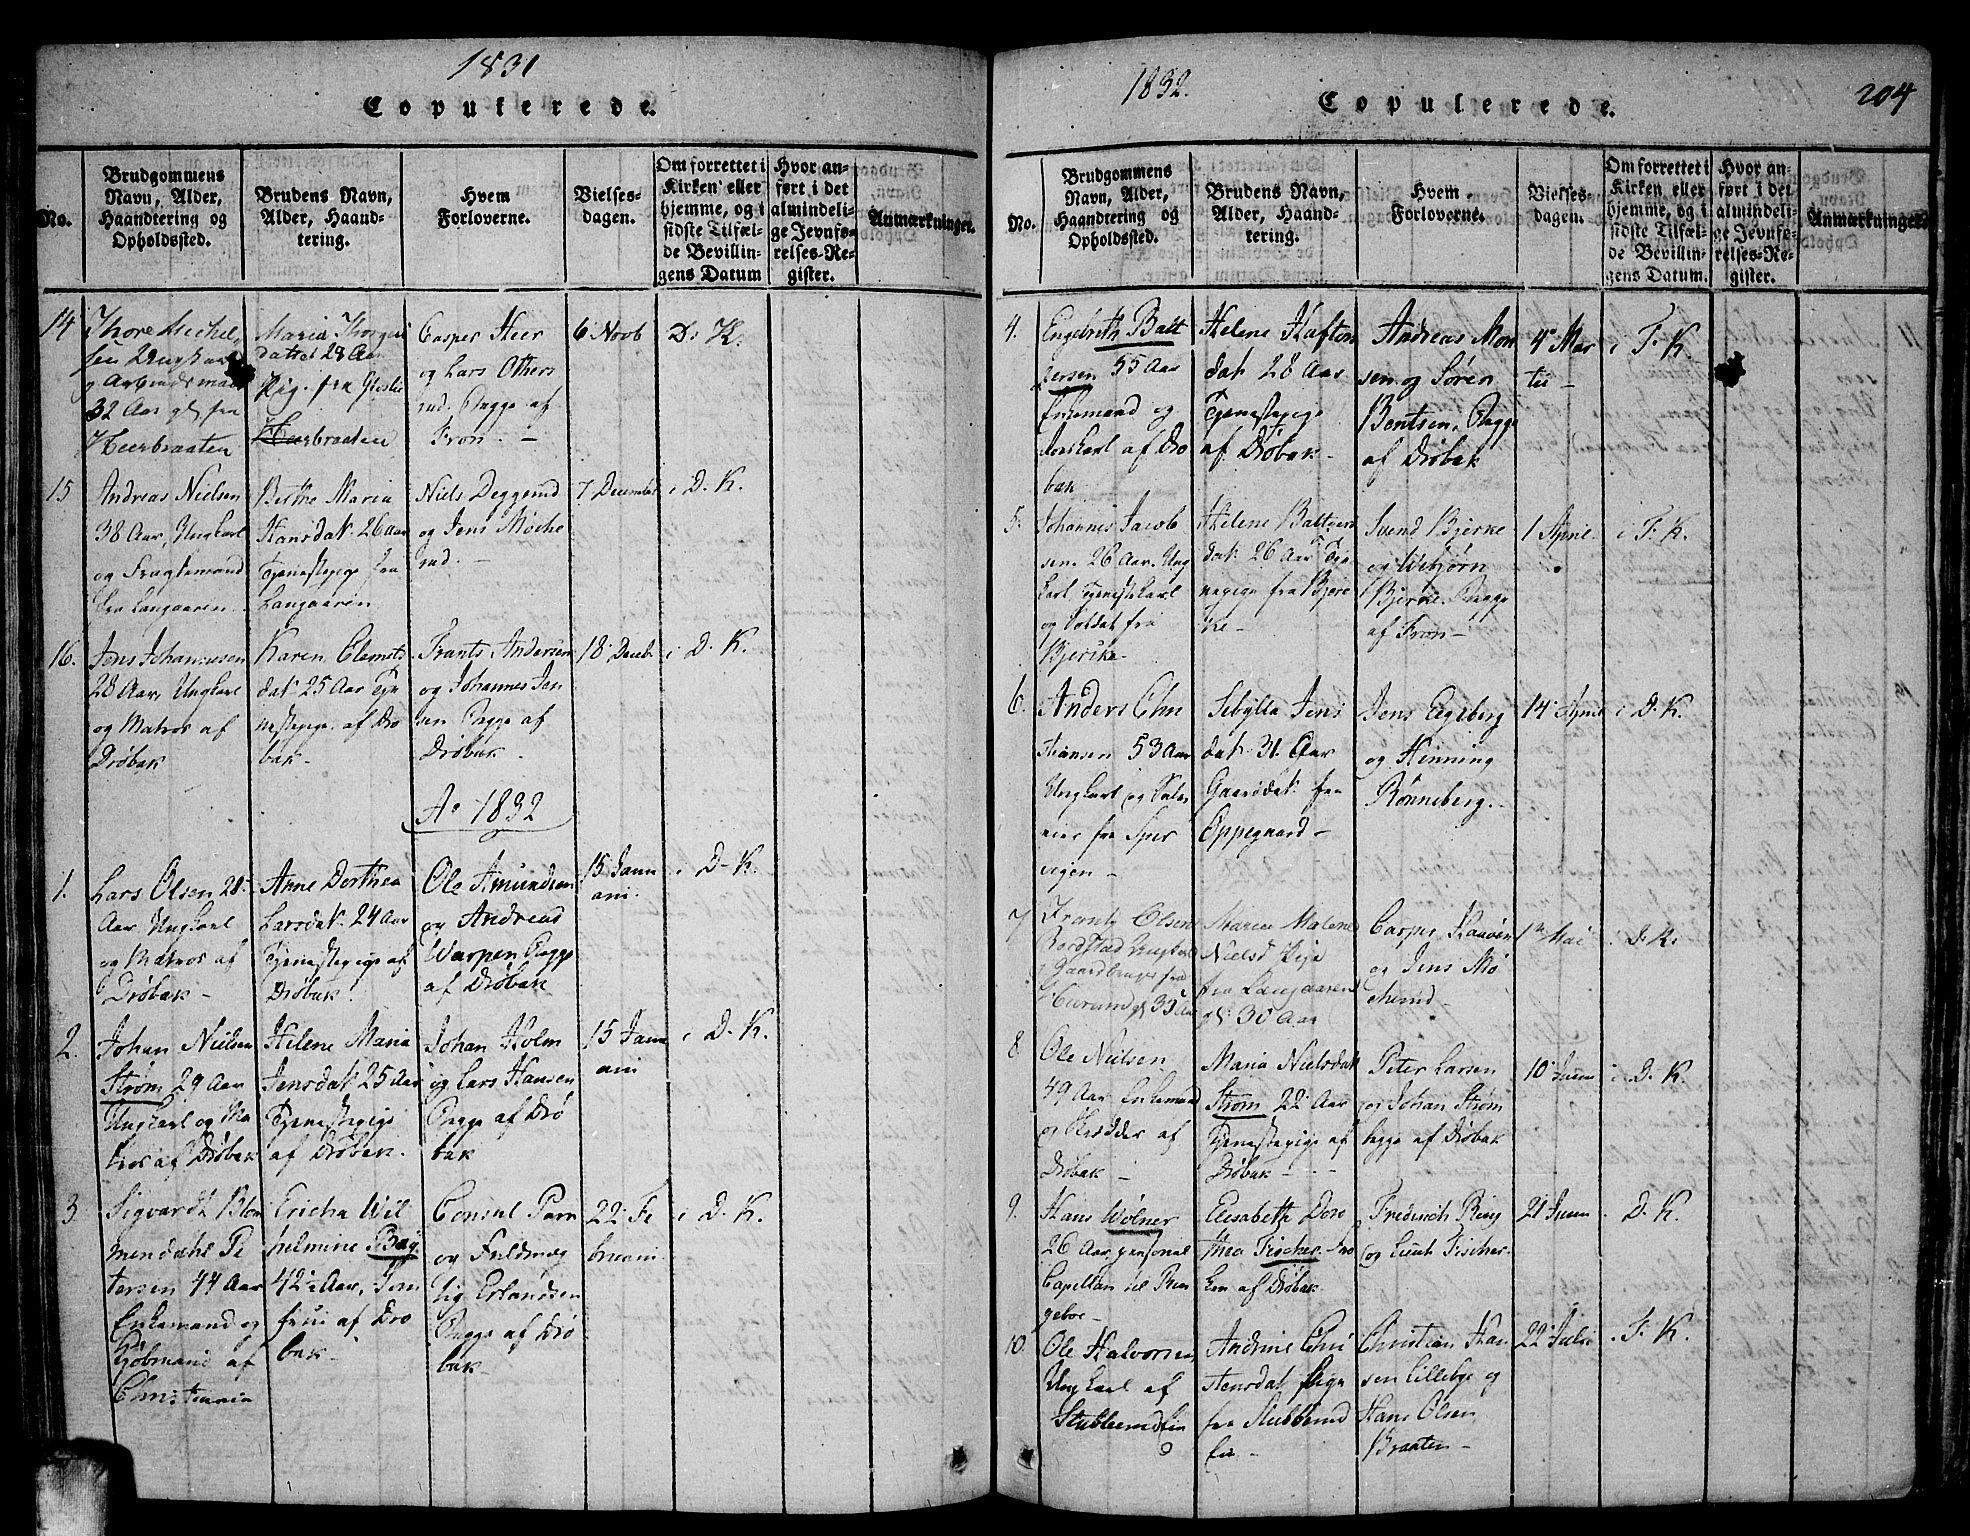 SAO, Drøbak prestekontor Kirkebøker, F/Fa/L0001: Ministerialbok nr. I 1, 1816-1842, s. 204